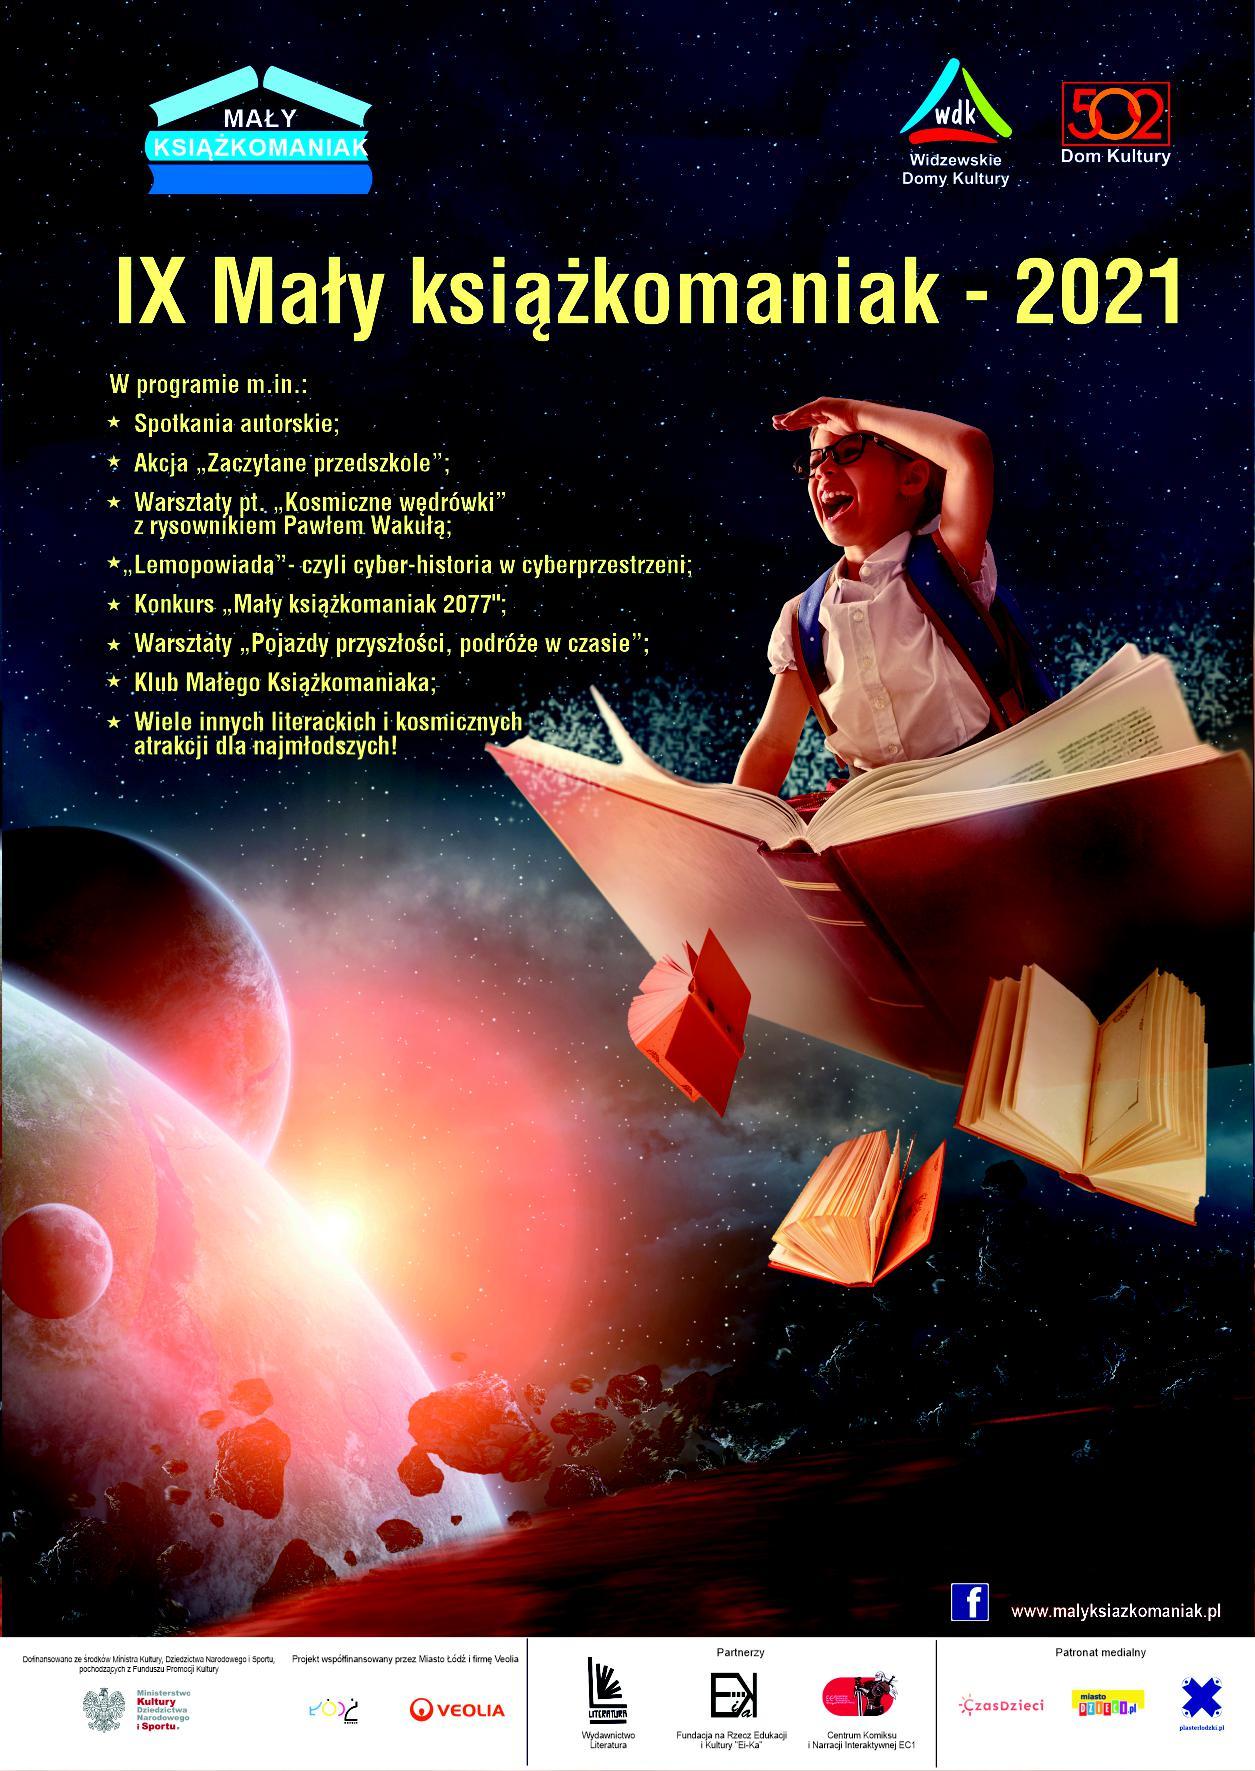 IX Mały książkomaniak - bezpłatne wydarzenia dla dzieci